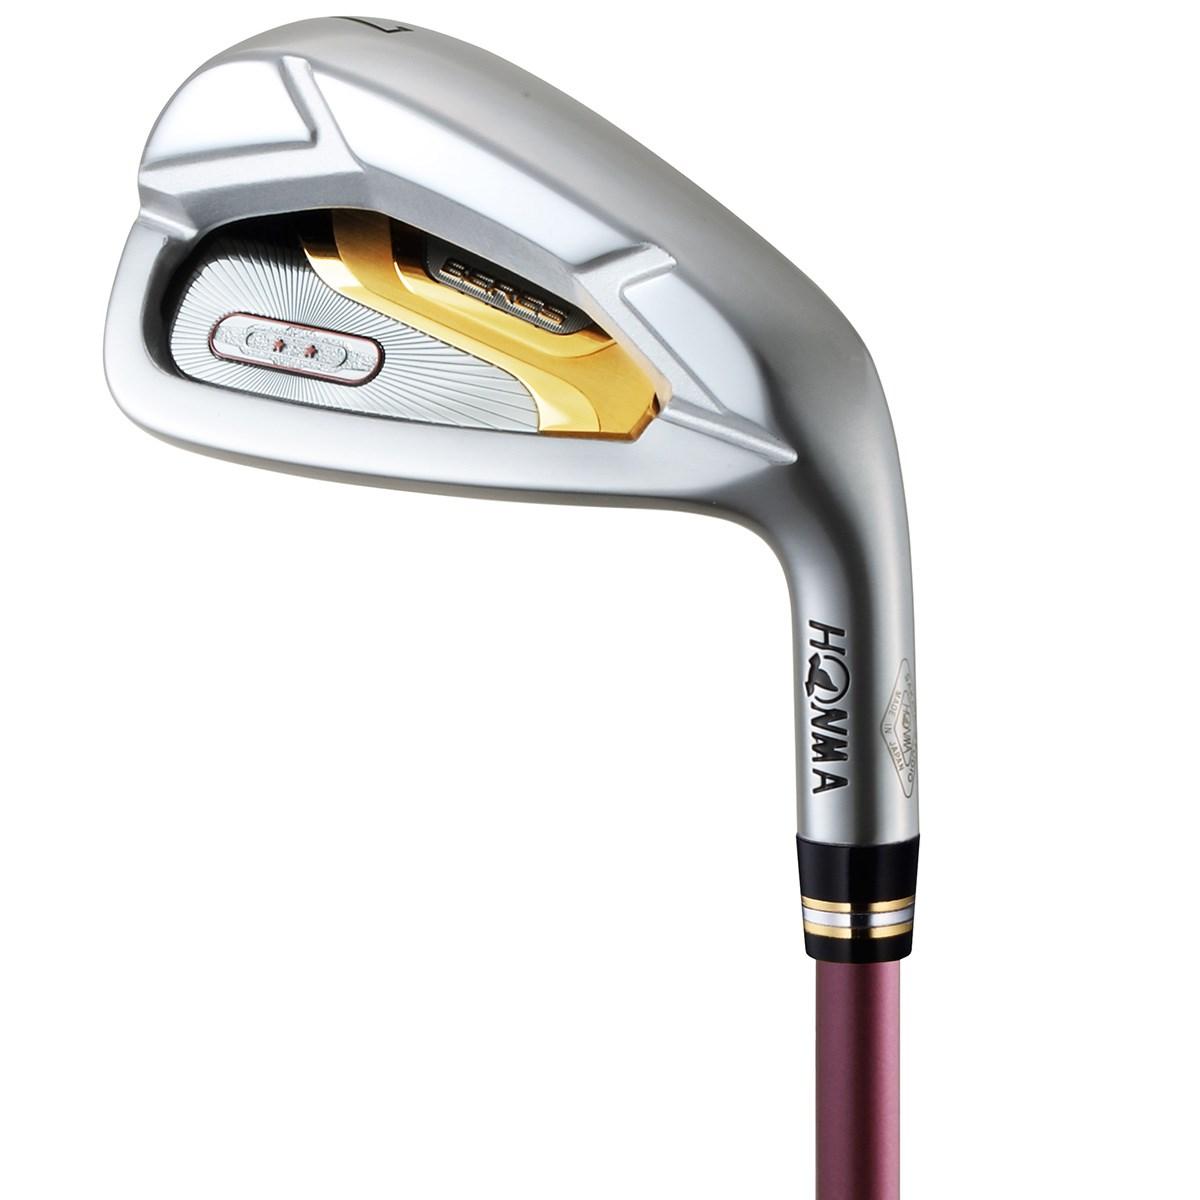 本間ゴルフ(HONMA GOLF) ベレス アイアン(4本セット) ARMRQ 38 2Sレディス